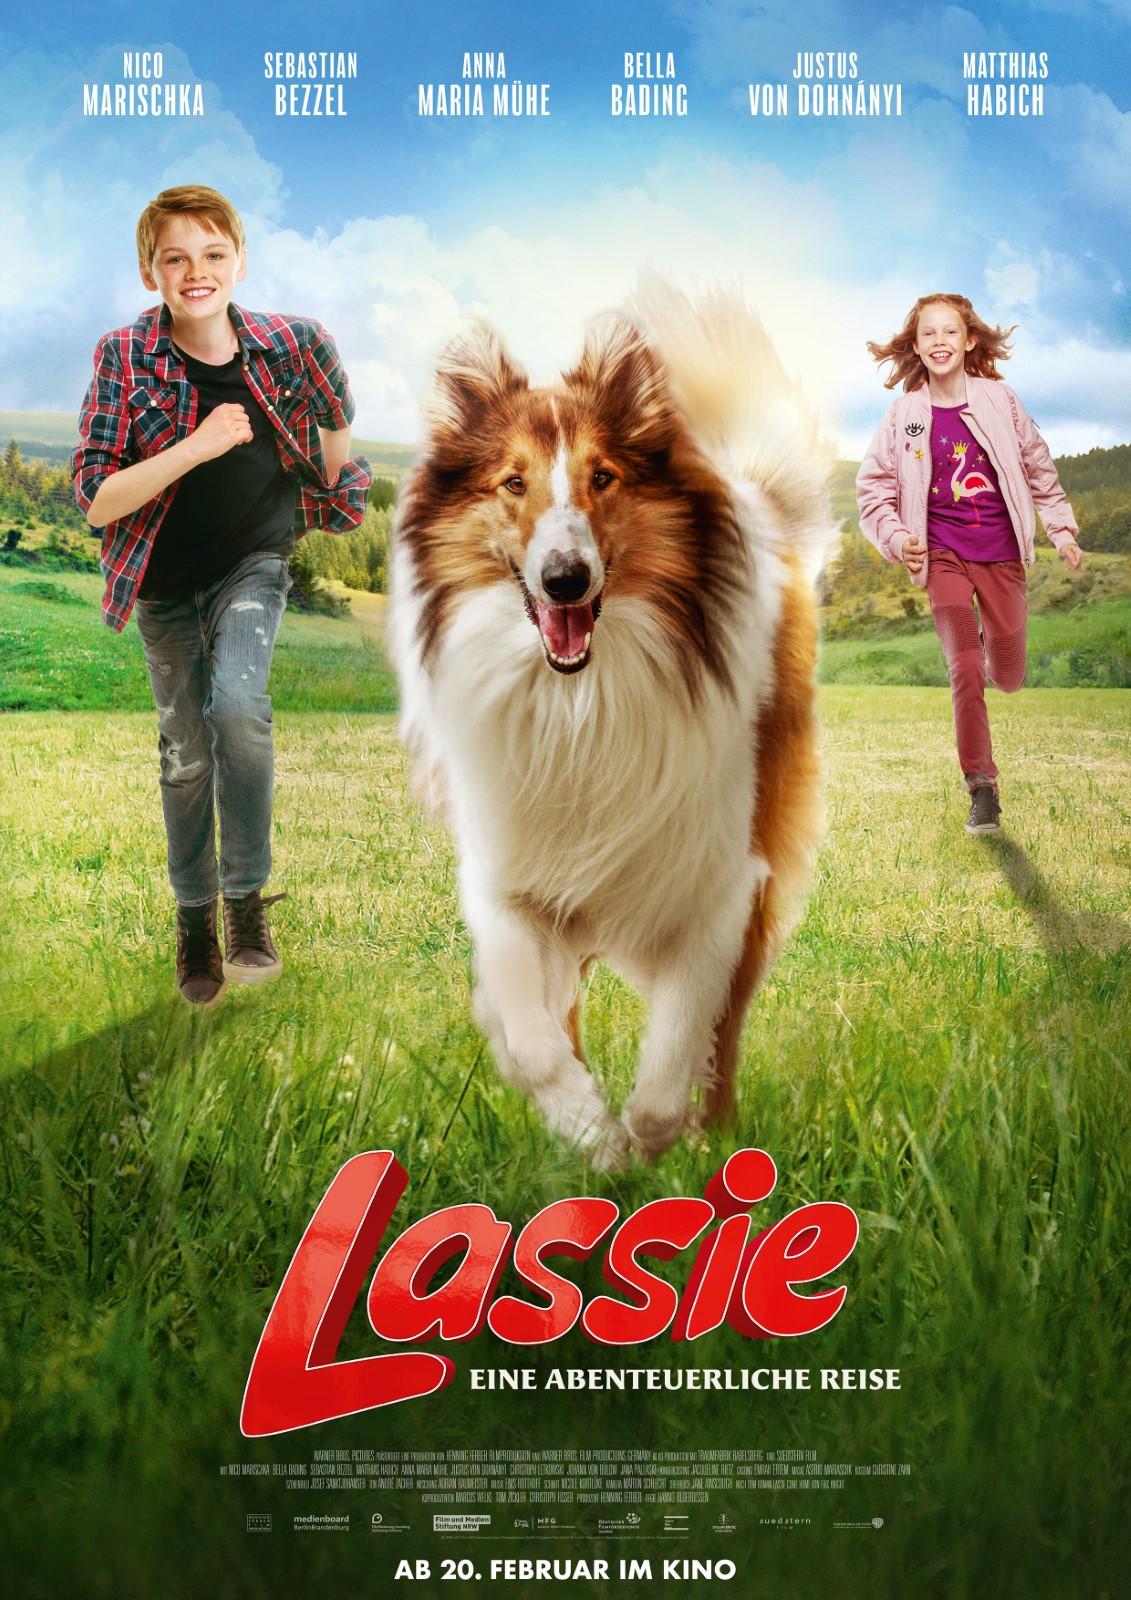 Lassie - Eine abenteuerliche Reise. Das ...